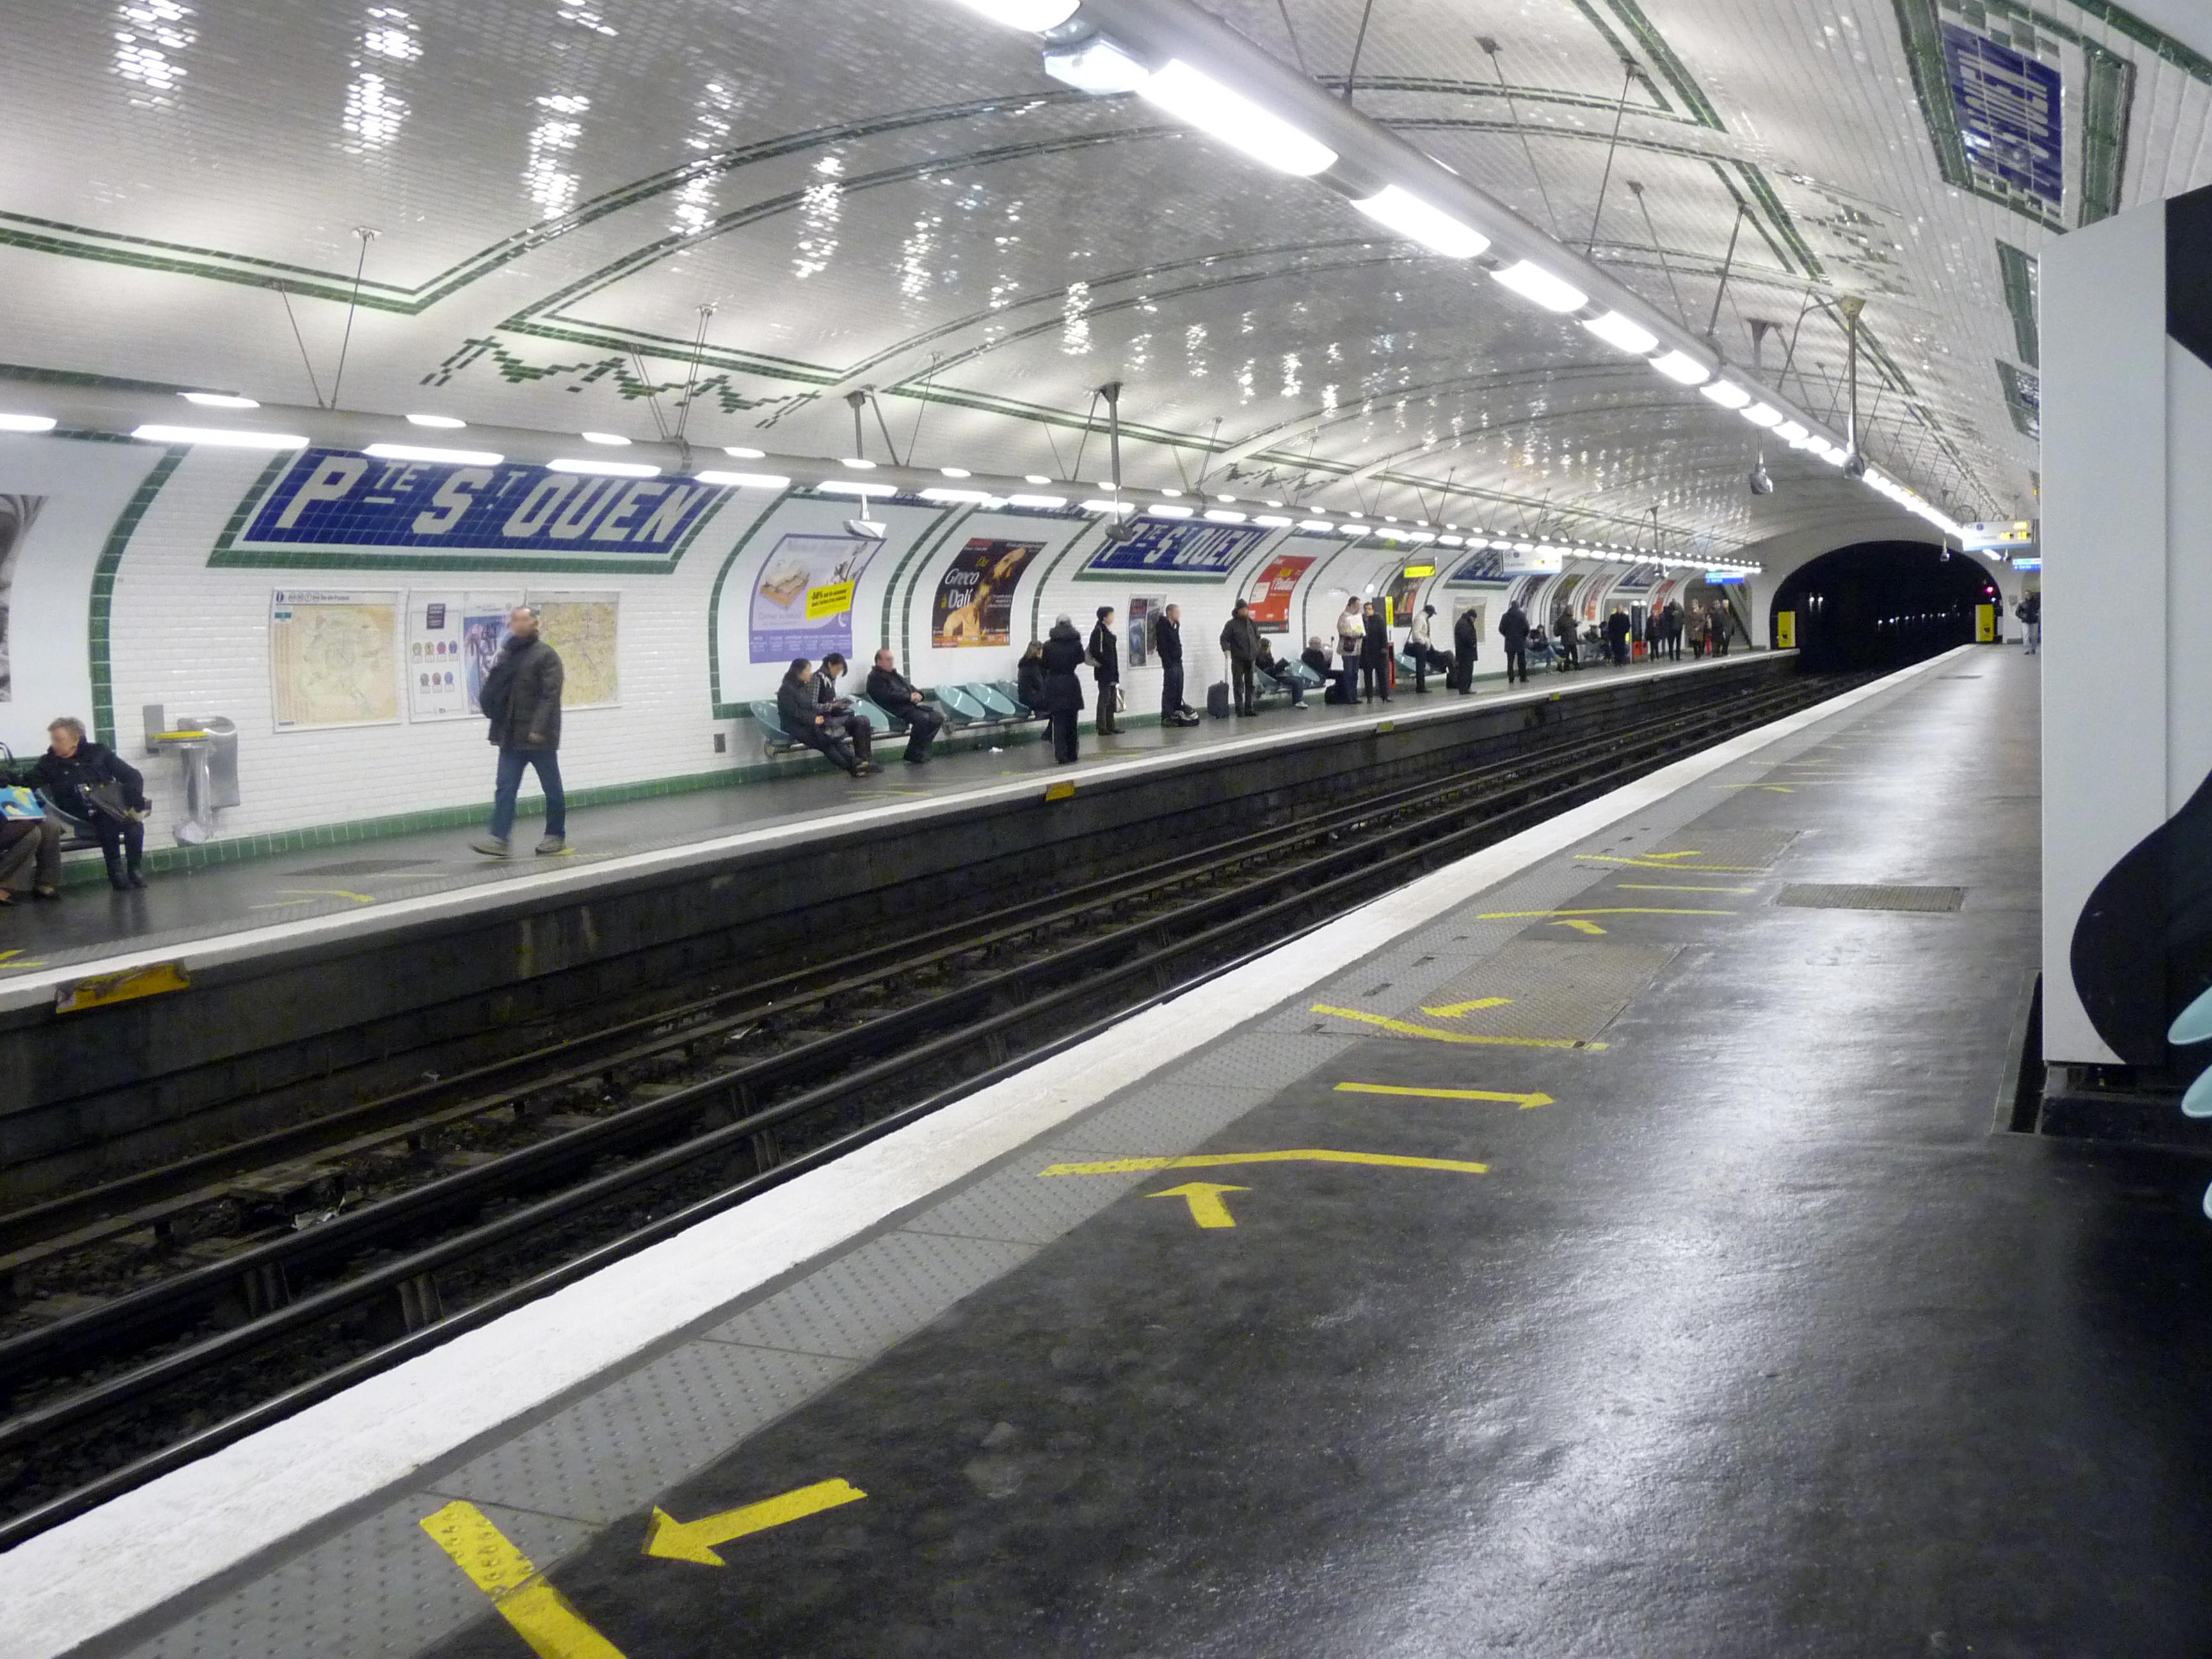 Métro Porte Saint-Ouen ligne 13